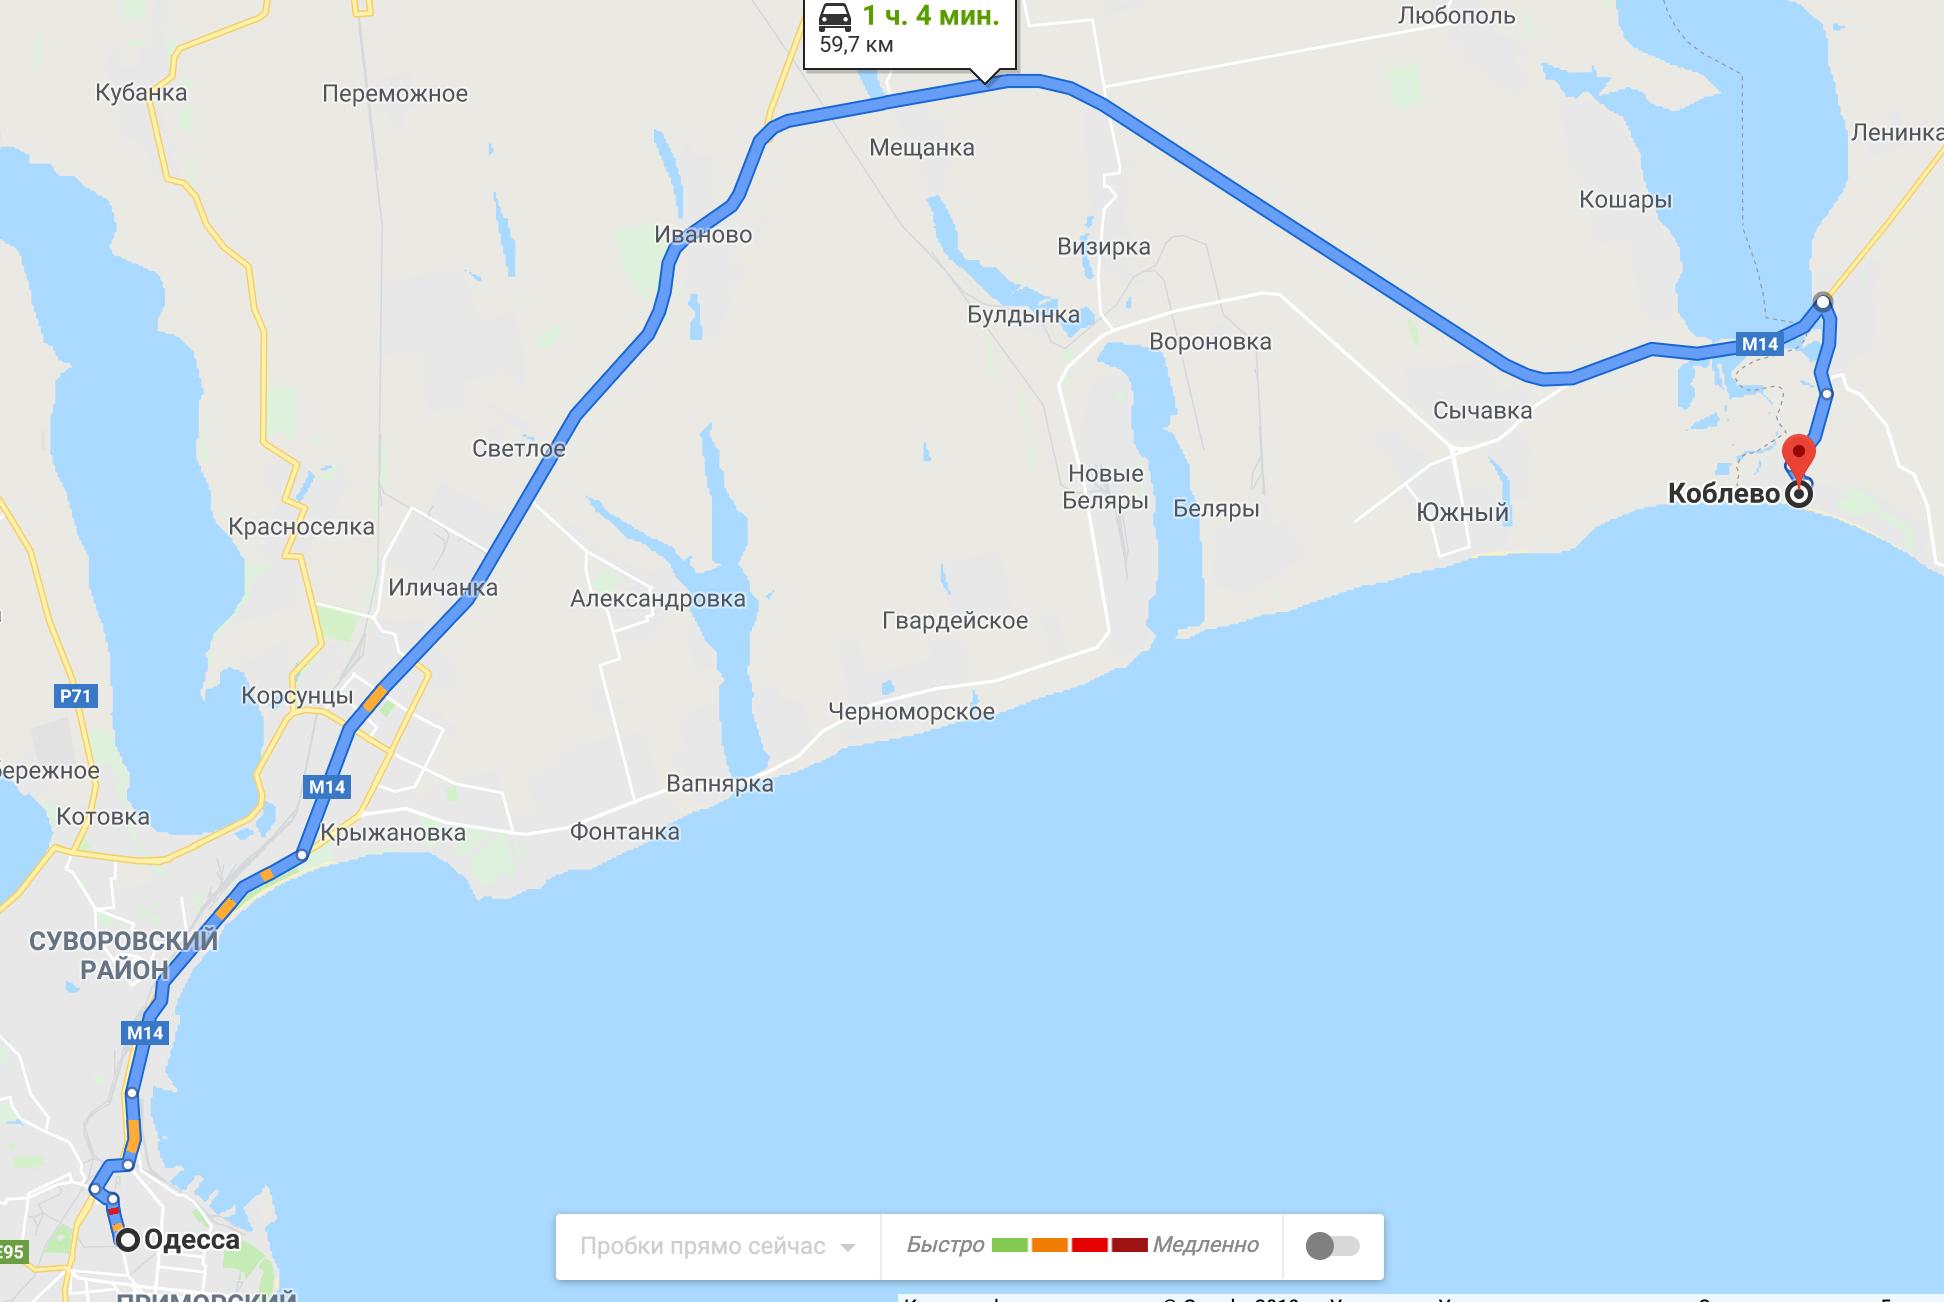 Как добраться в Коблево на авто из Одессы